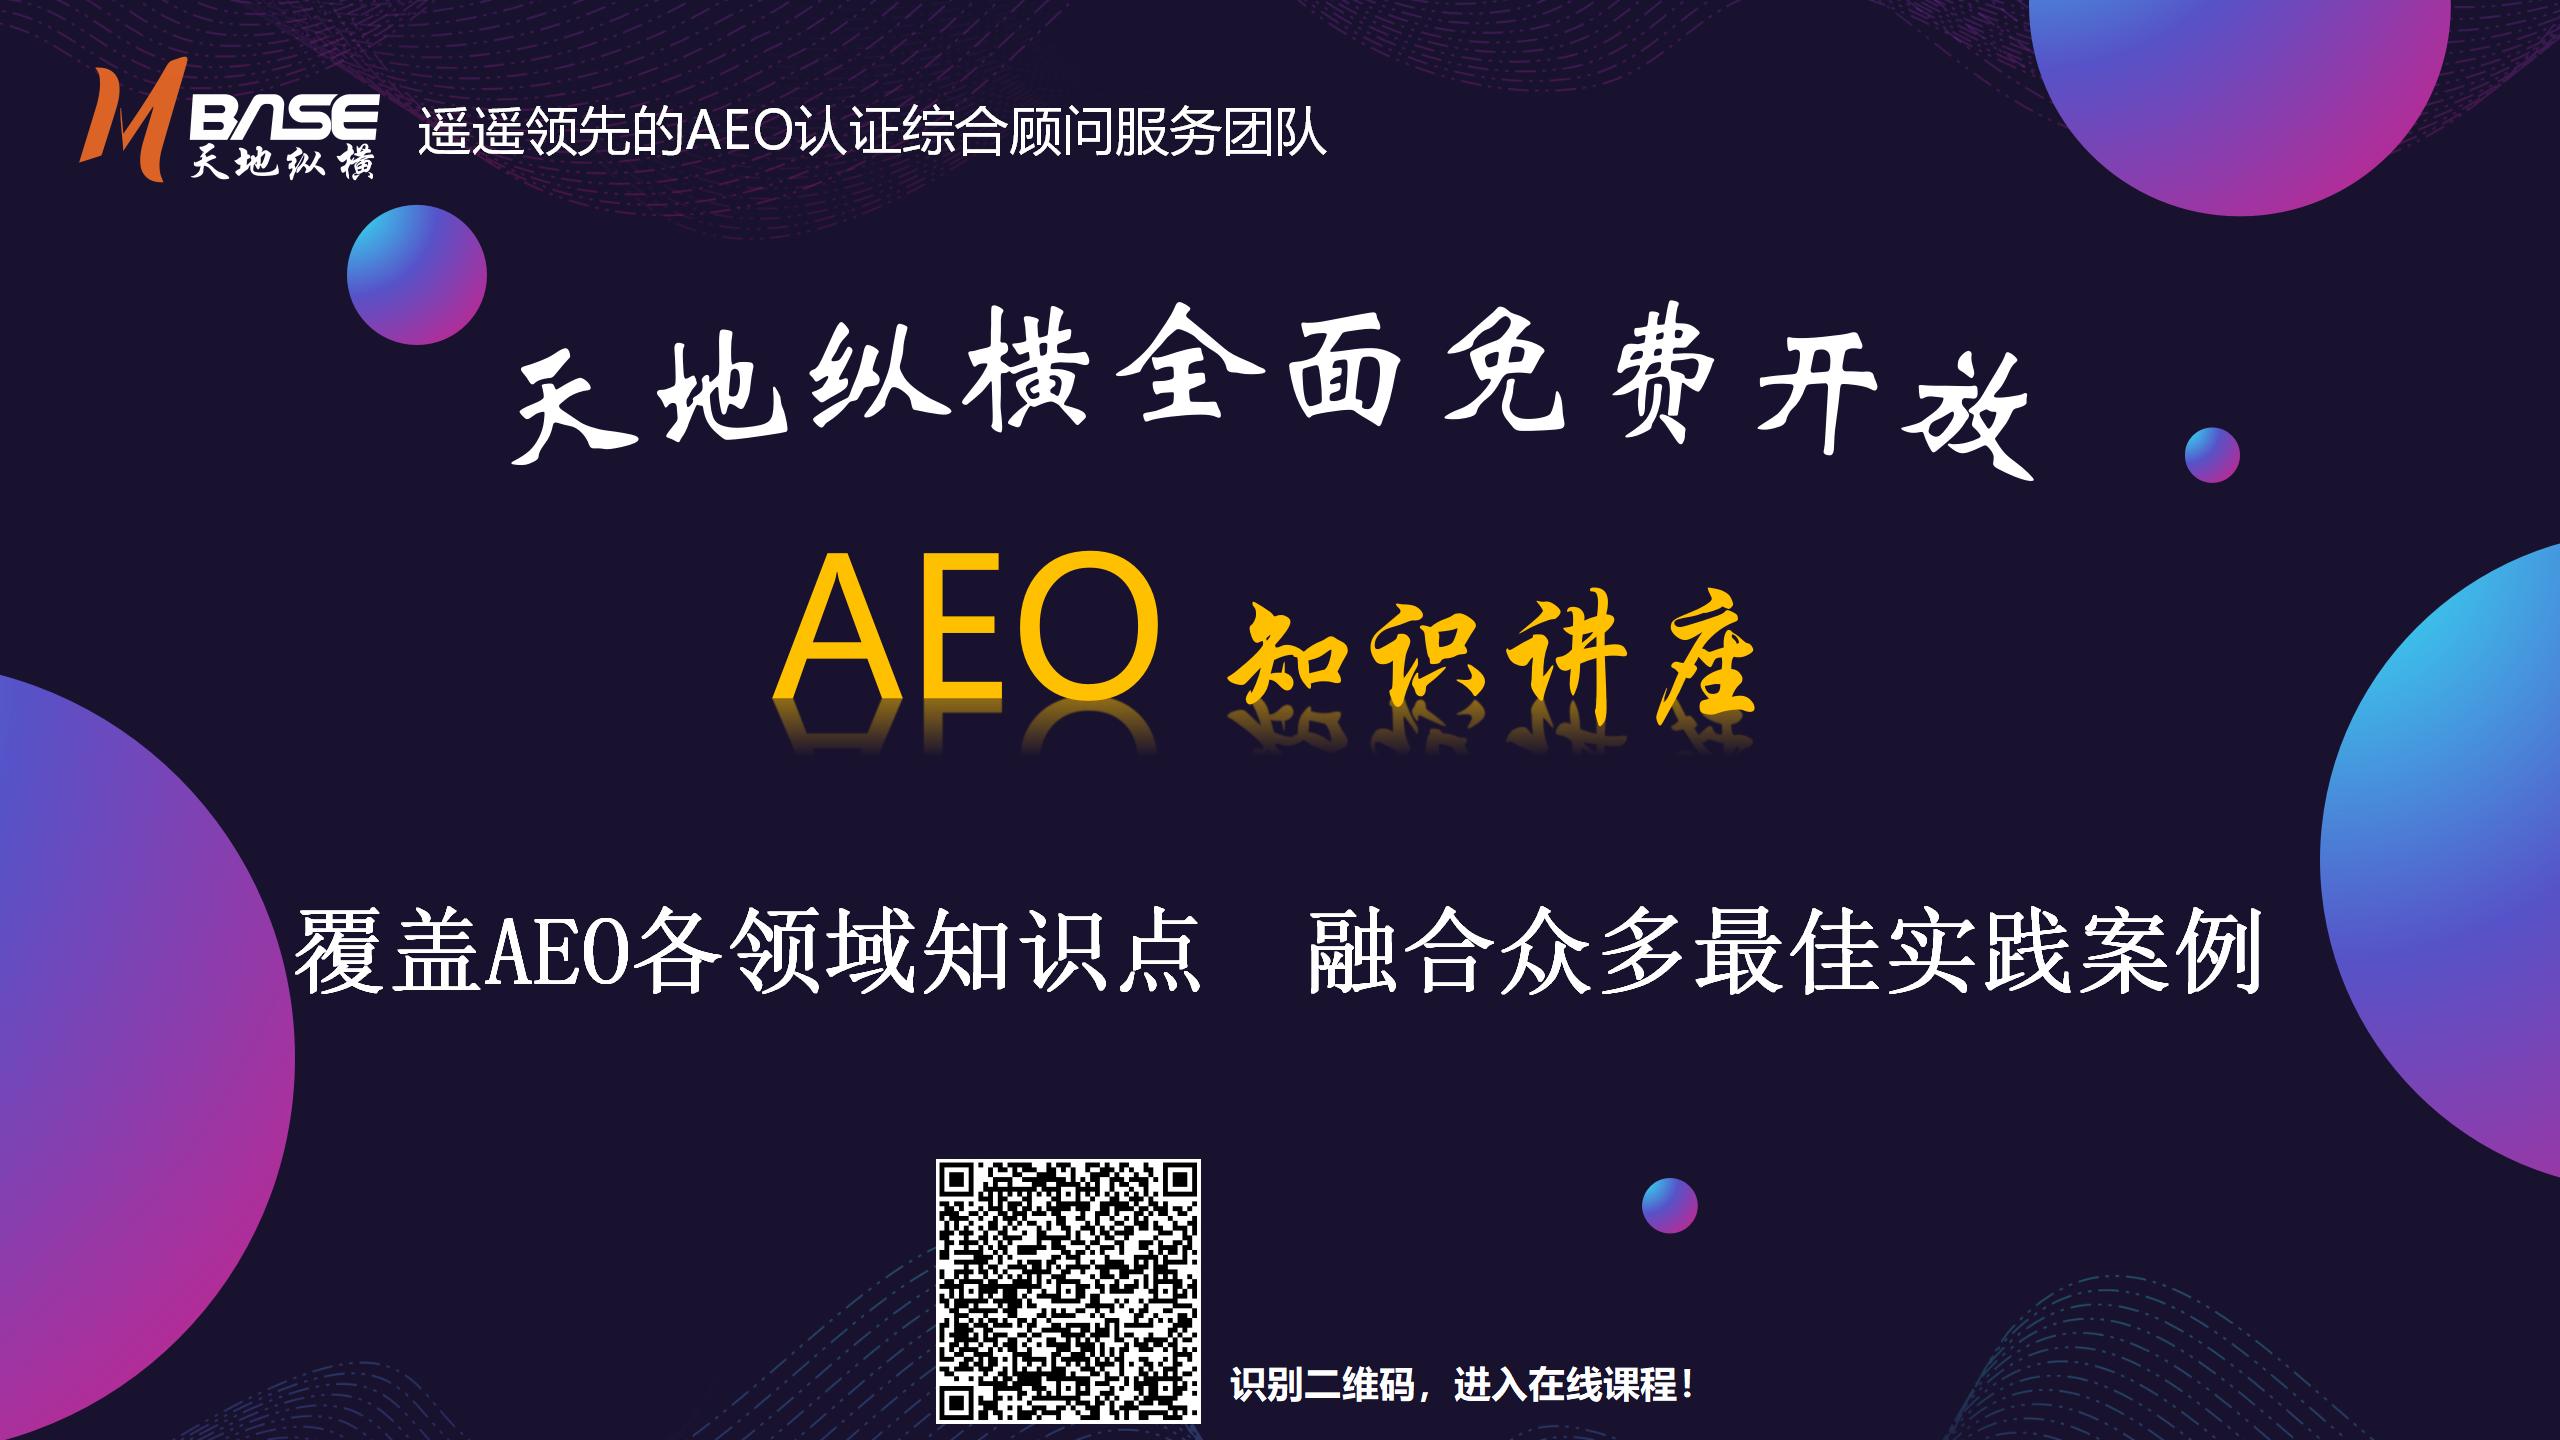 公益 | 天地纵横全面免费开放AEO 知识讲座